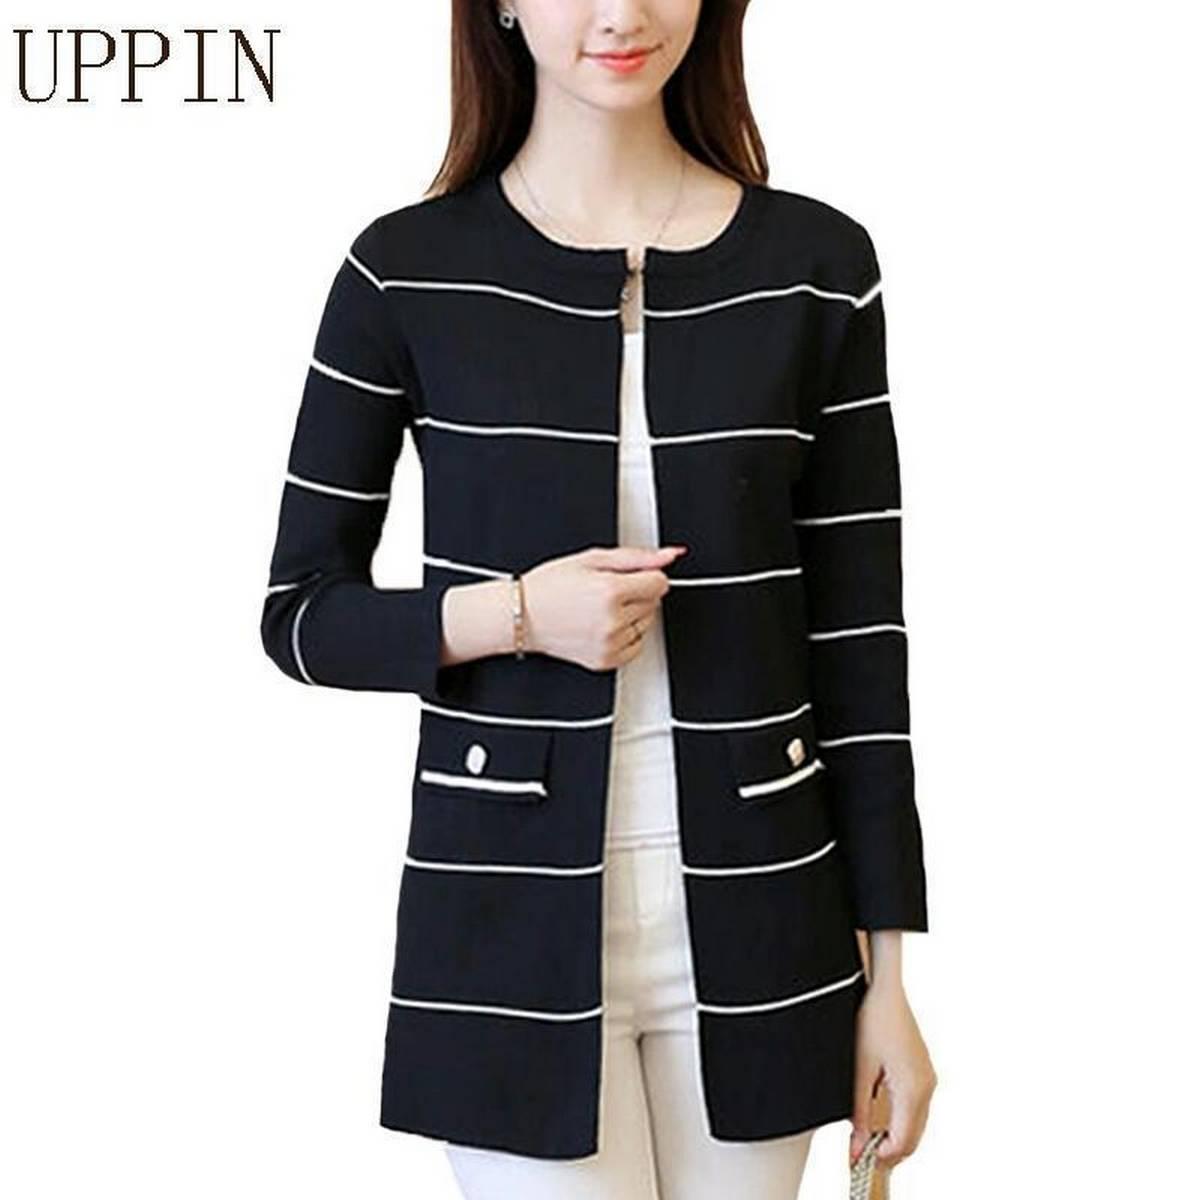 Stylish Lining Upper Cardigan For Women